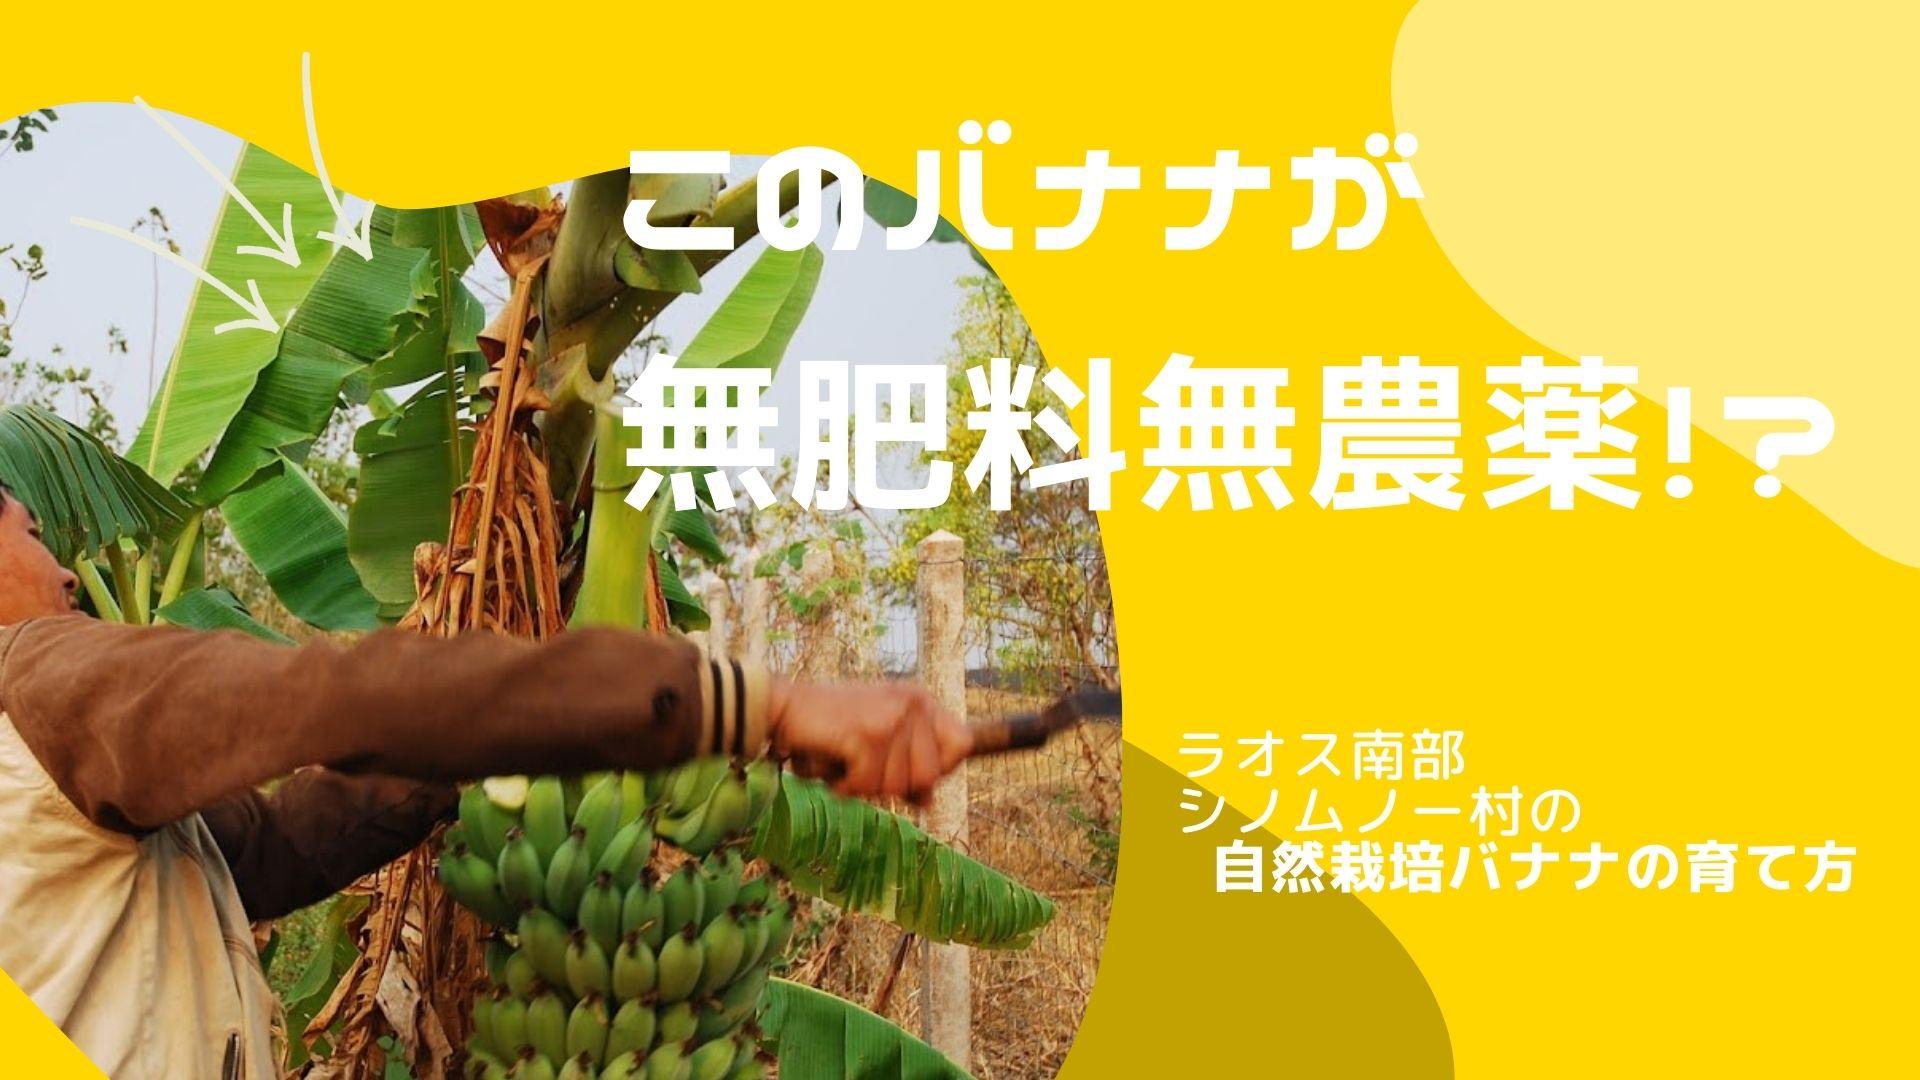 シノムノー村の自然栽培バナナの植え方